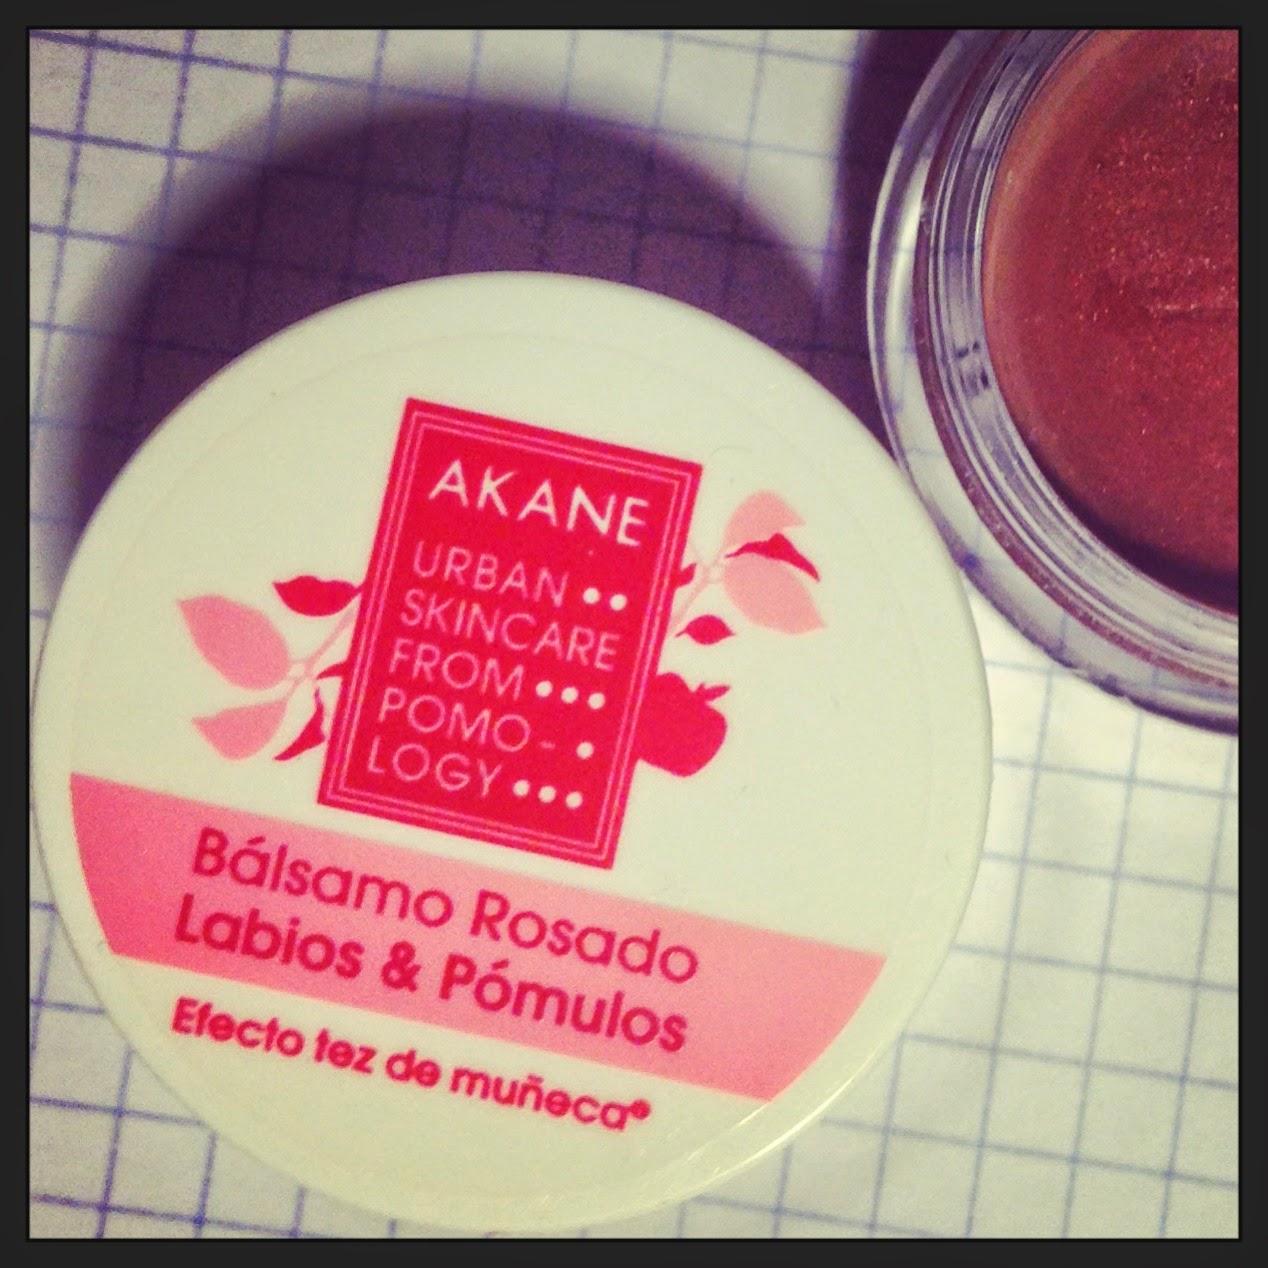 balsamo de labios y mejillas de akane